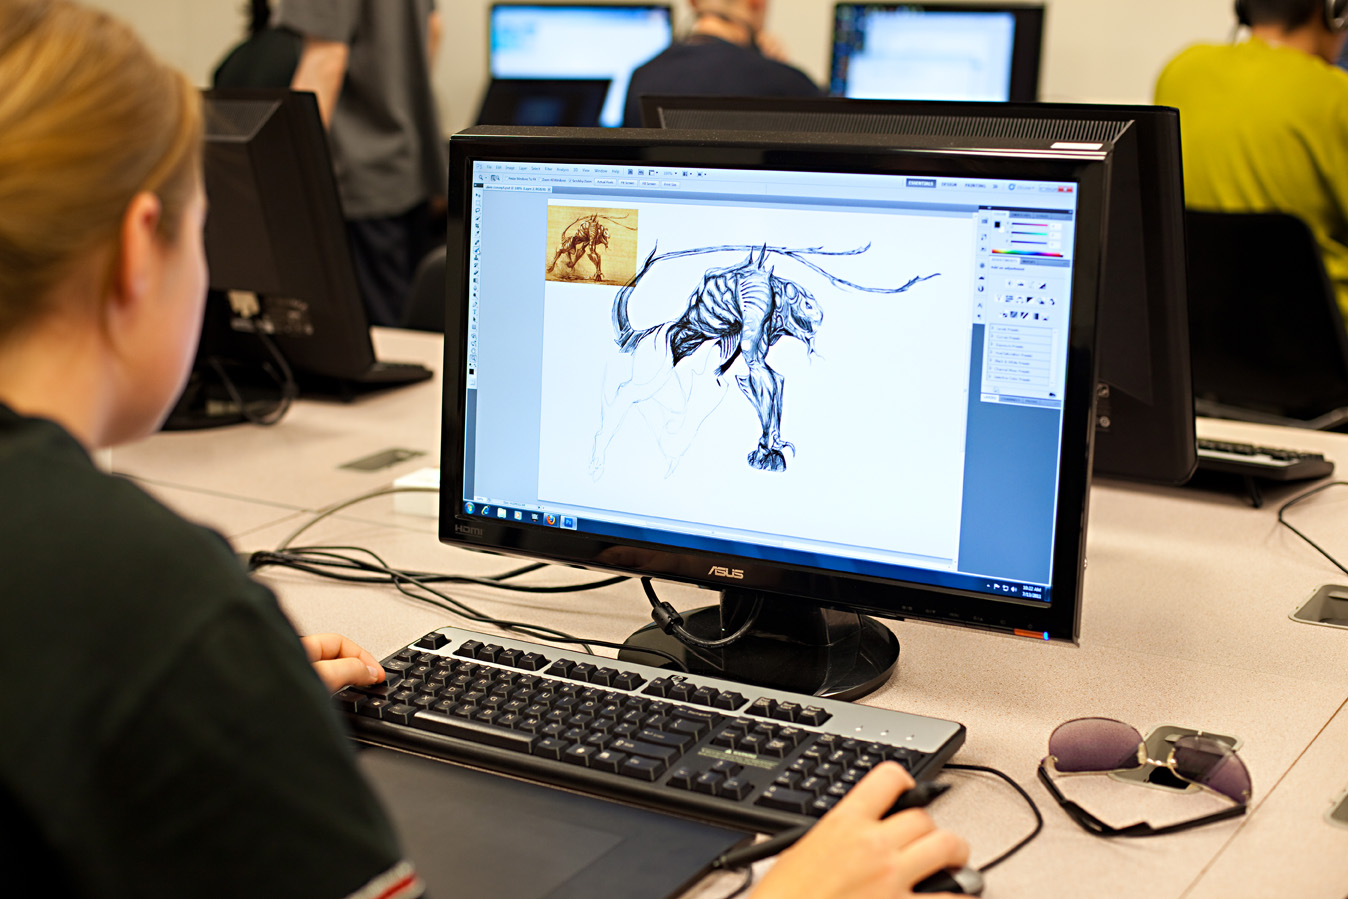 Http://topvideogamedesignersalary.blogspot.com/2011/05/video Game Designer  Job Outlook.html